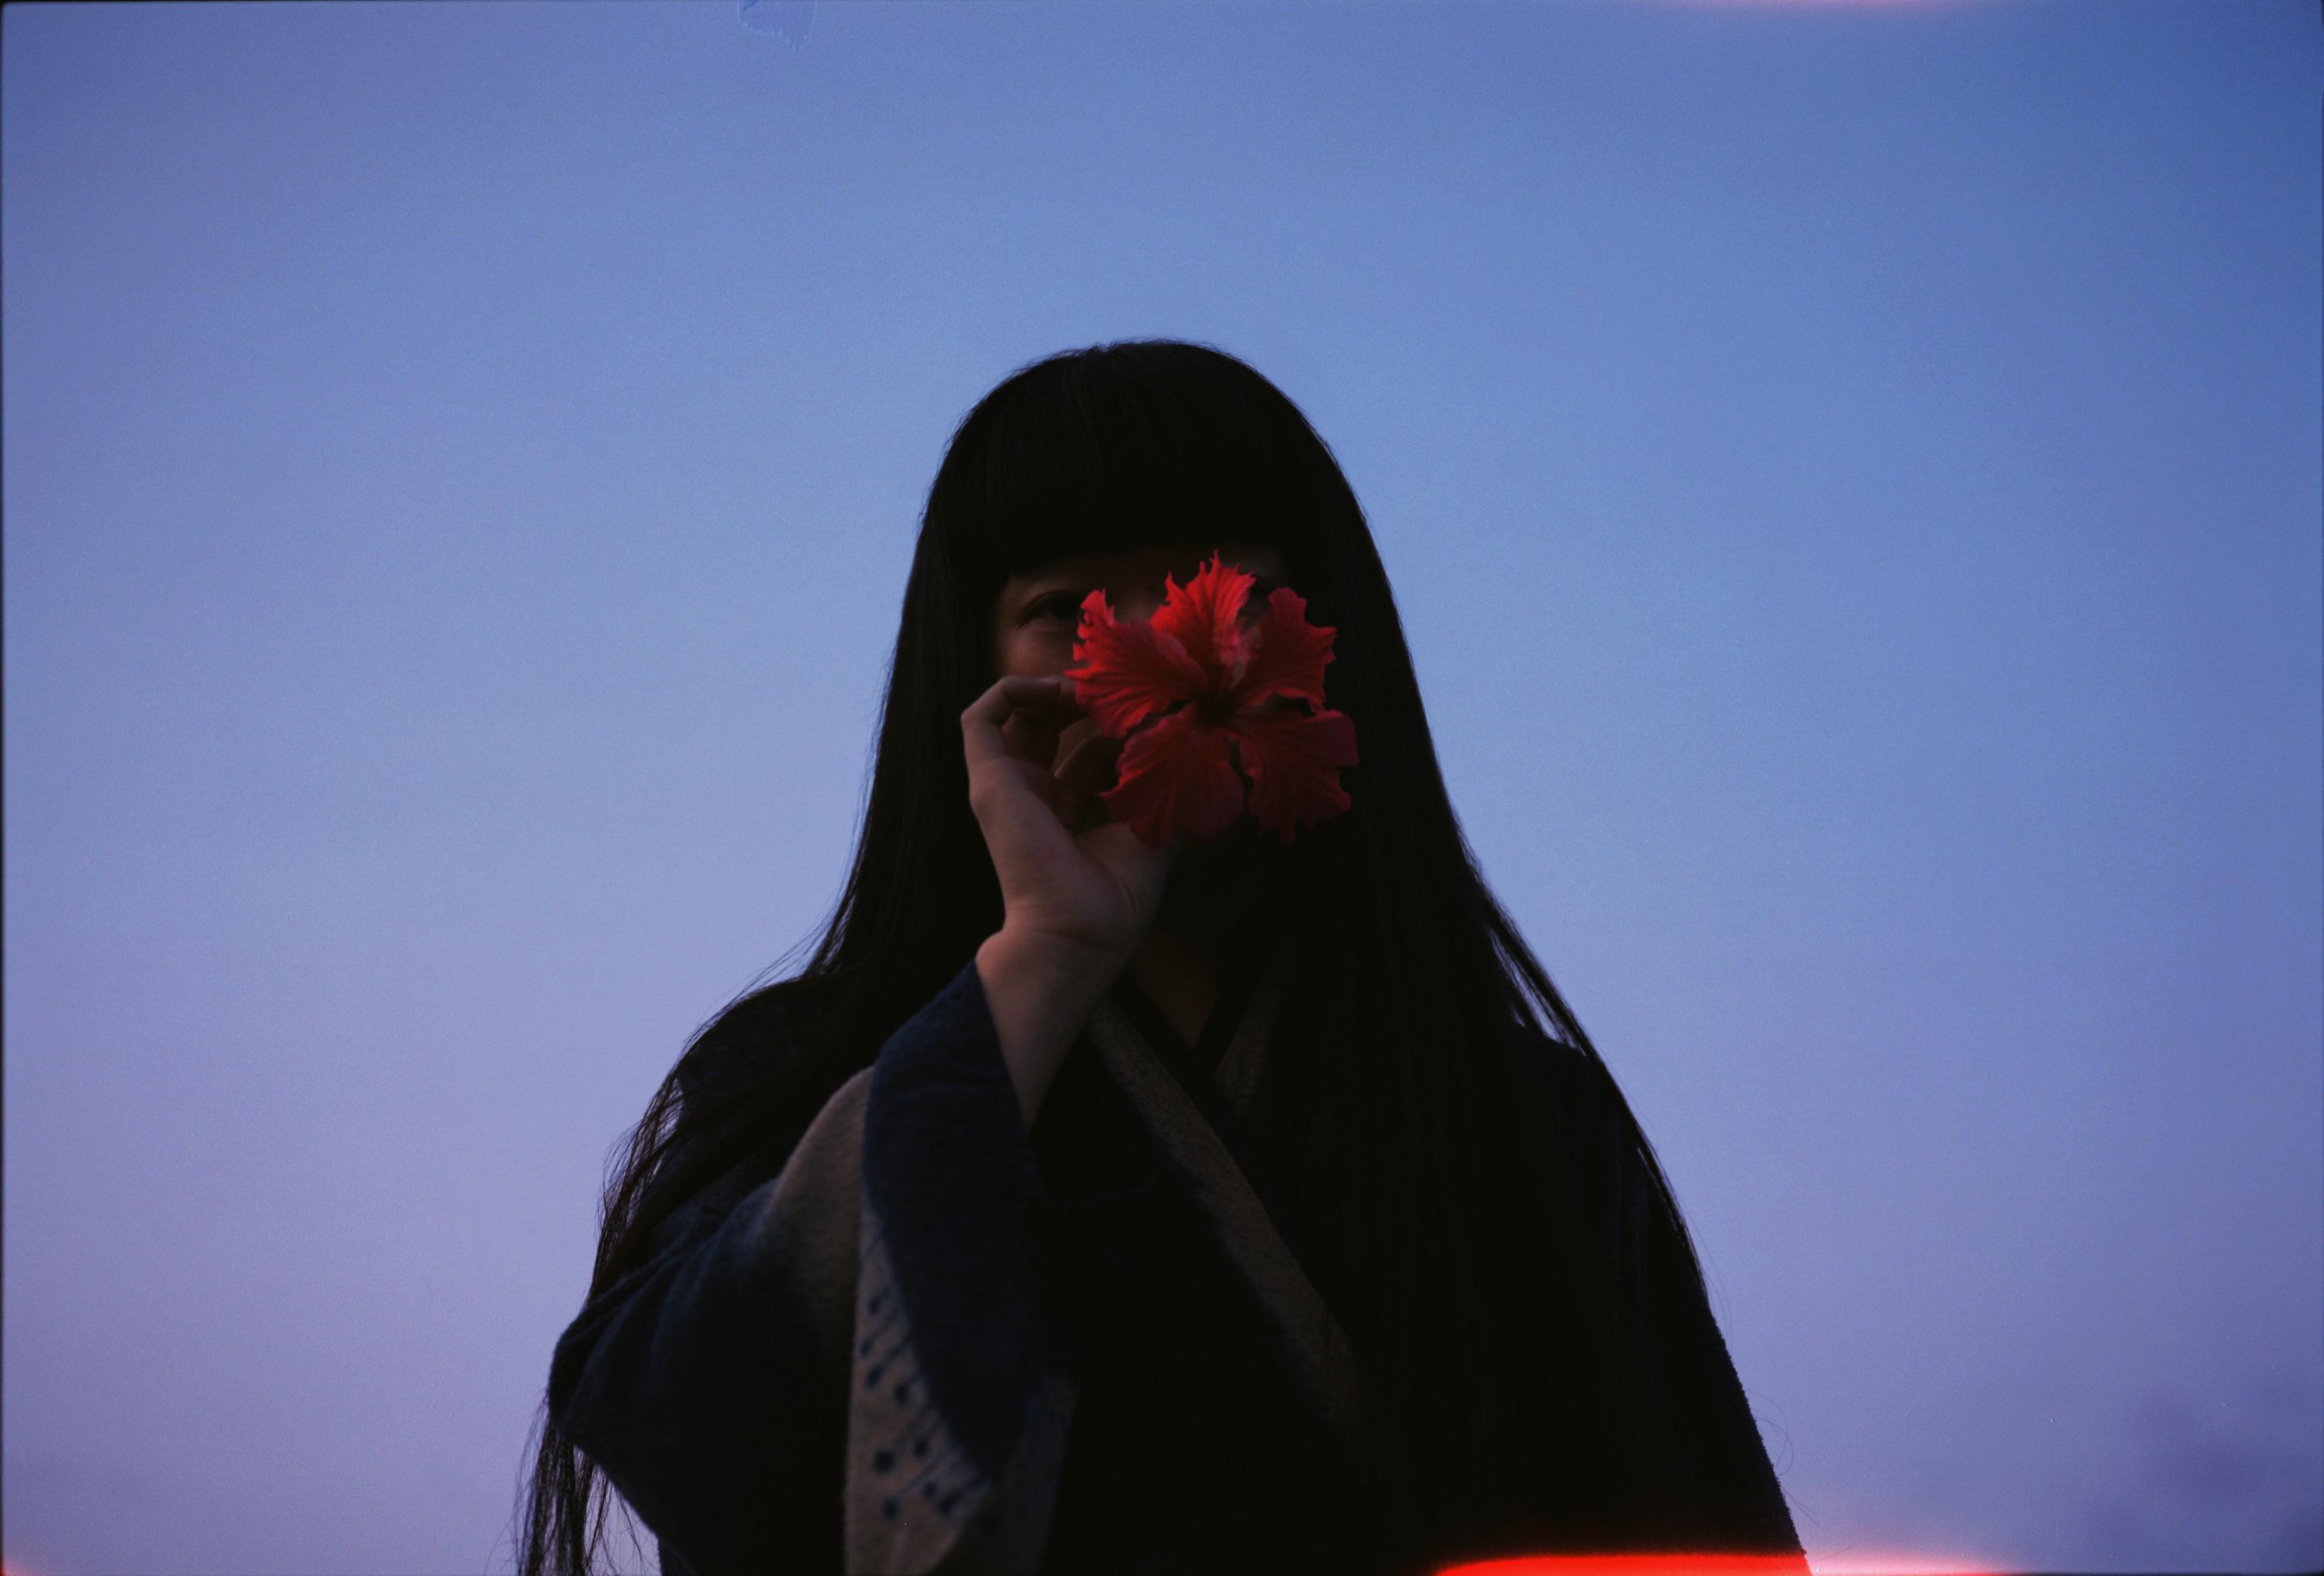 【映像公開】寺尾紗穂、青葉市子、小林エリカ「女の子たち 紡ぐと織る」